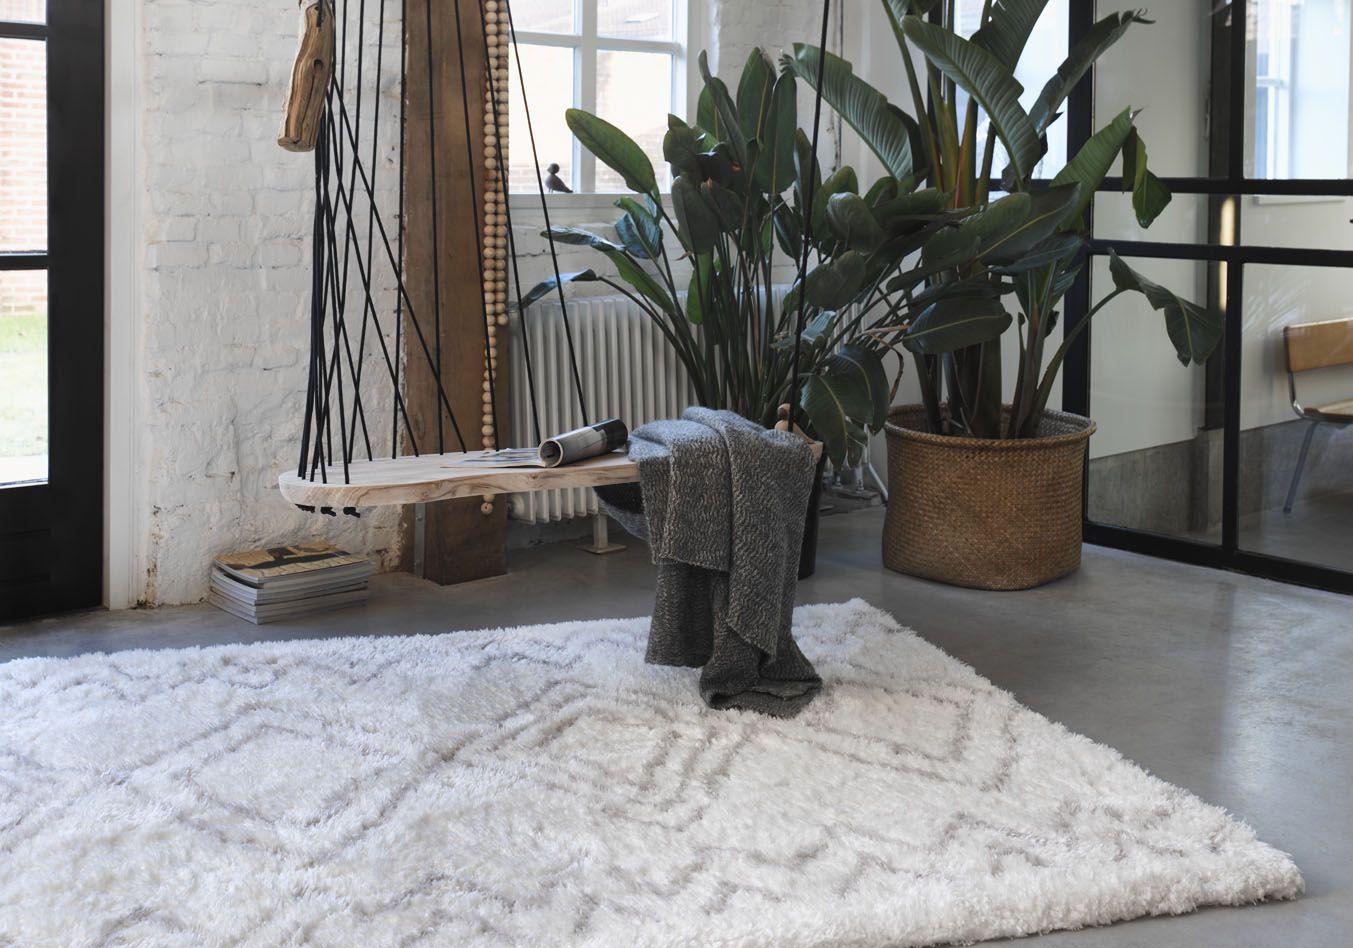 Die Qualitat Boho Scandic Von Wecon Home Ist In Sechs Verschiedenen Grossen Und Modernen Stilsicheren Farben Erhal Hochflor Teppich Teppich Wohnzimmer Teppich